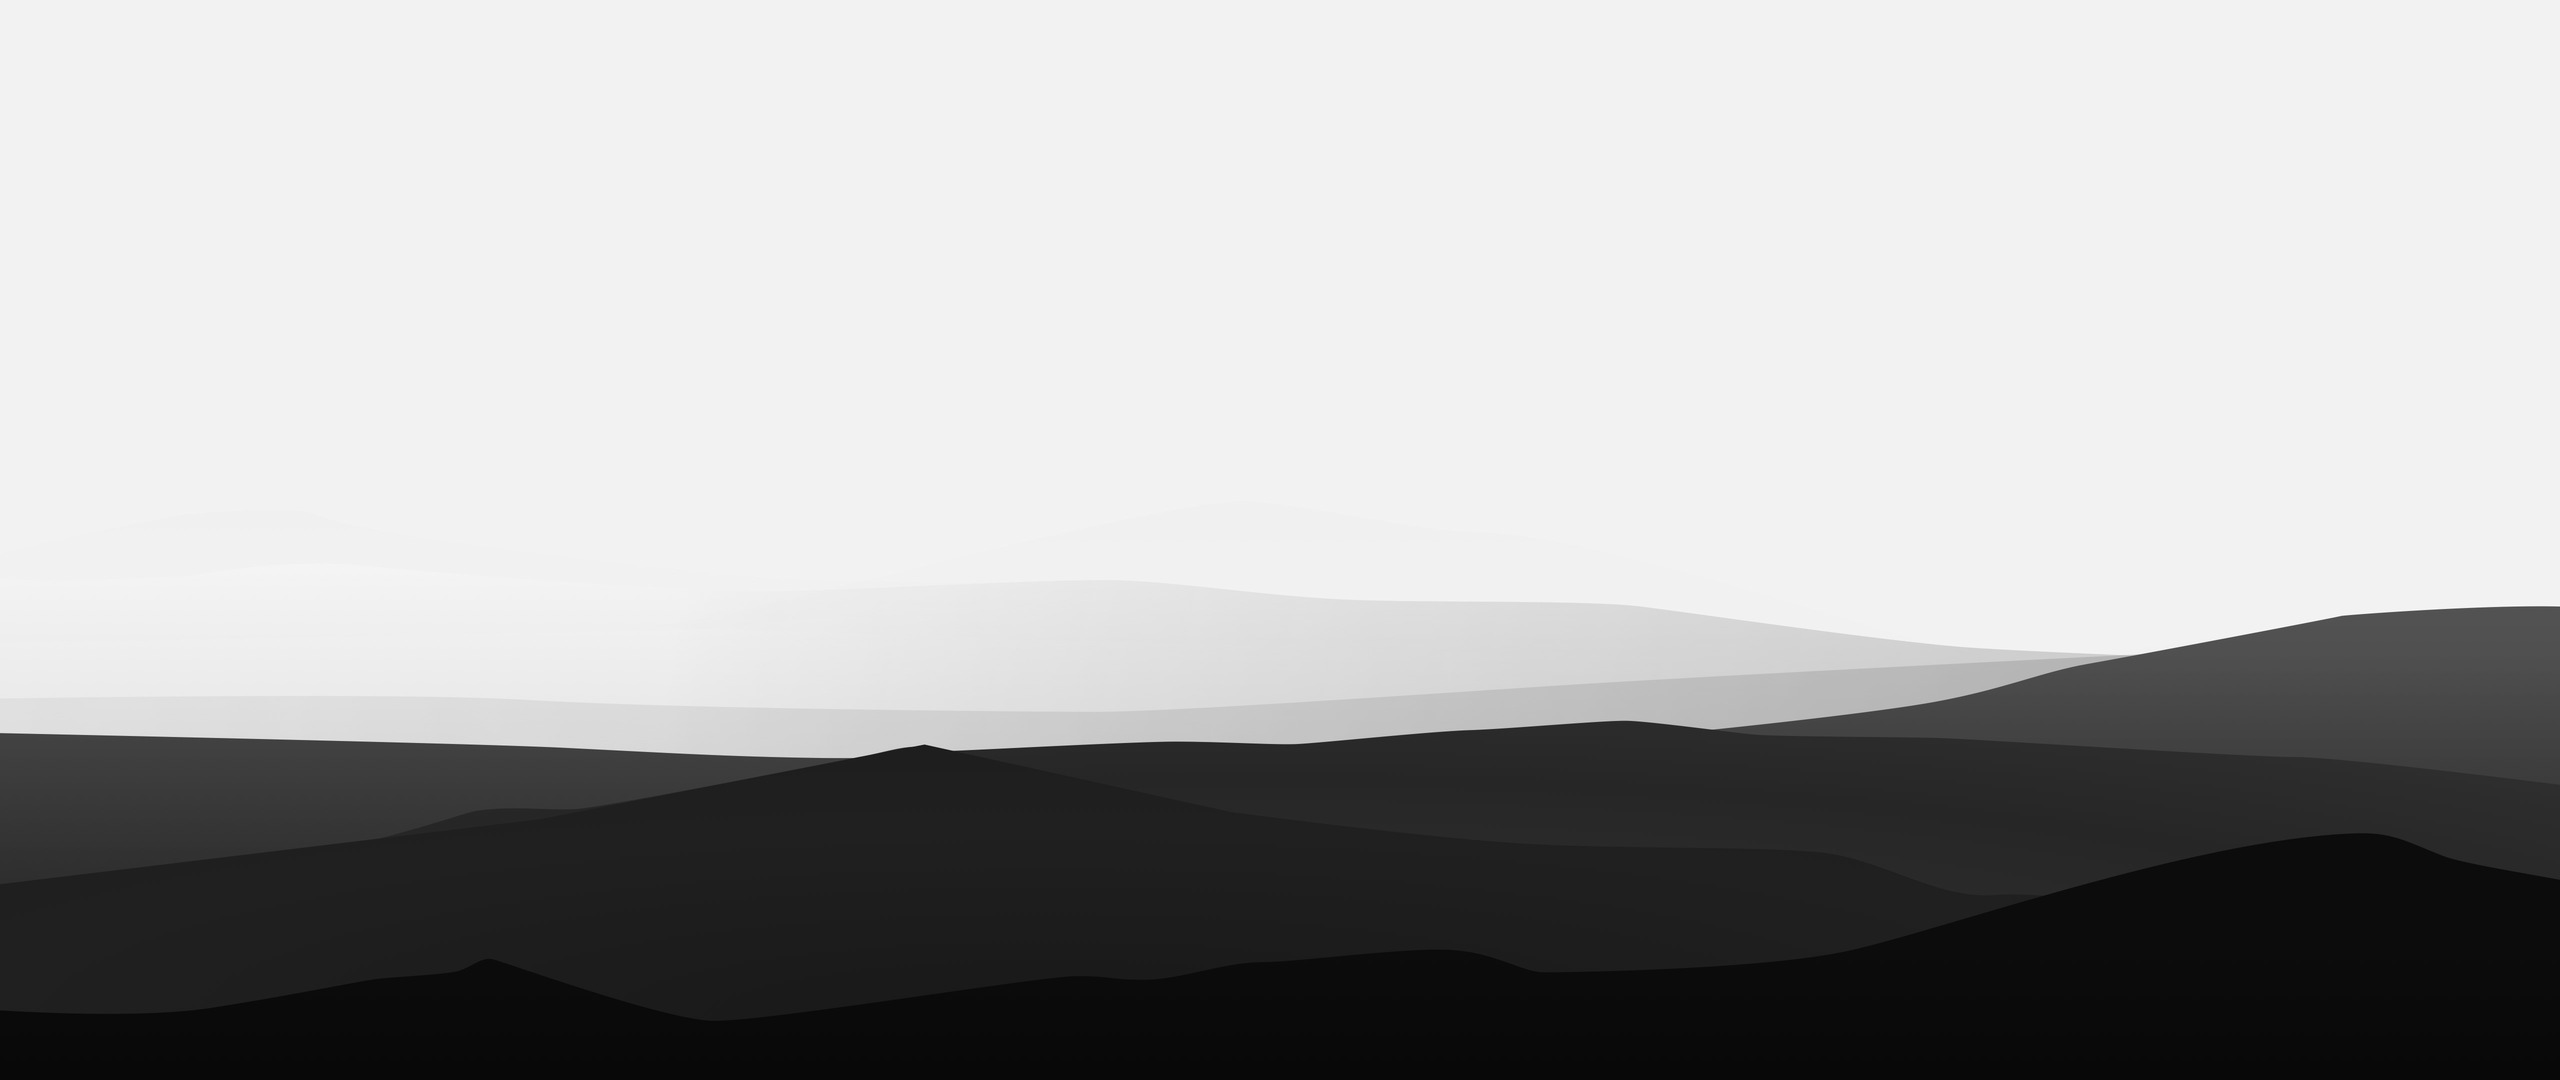 2560x1080 Minimalist Mountains Black And White 2560x1080 ...